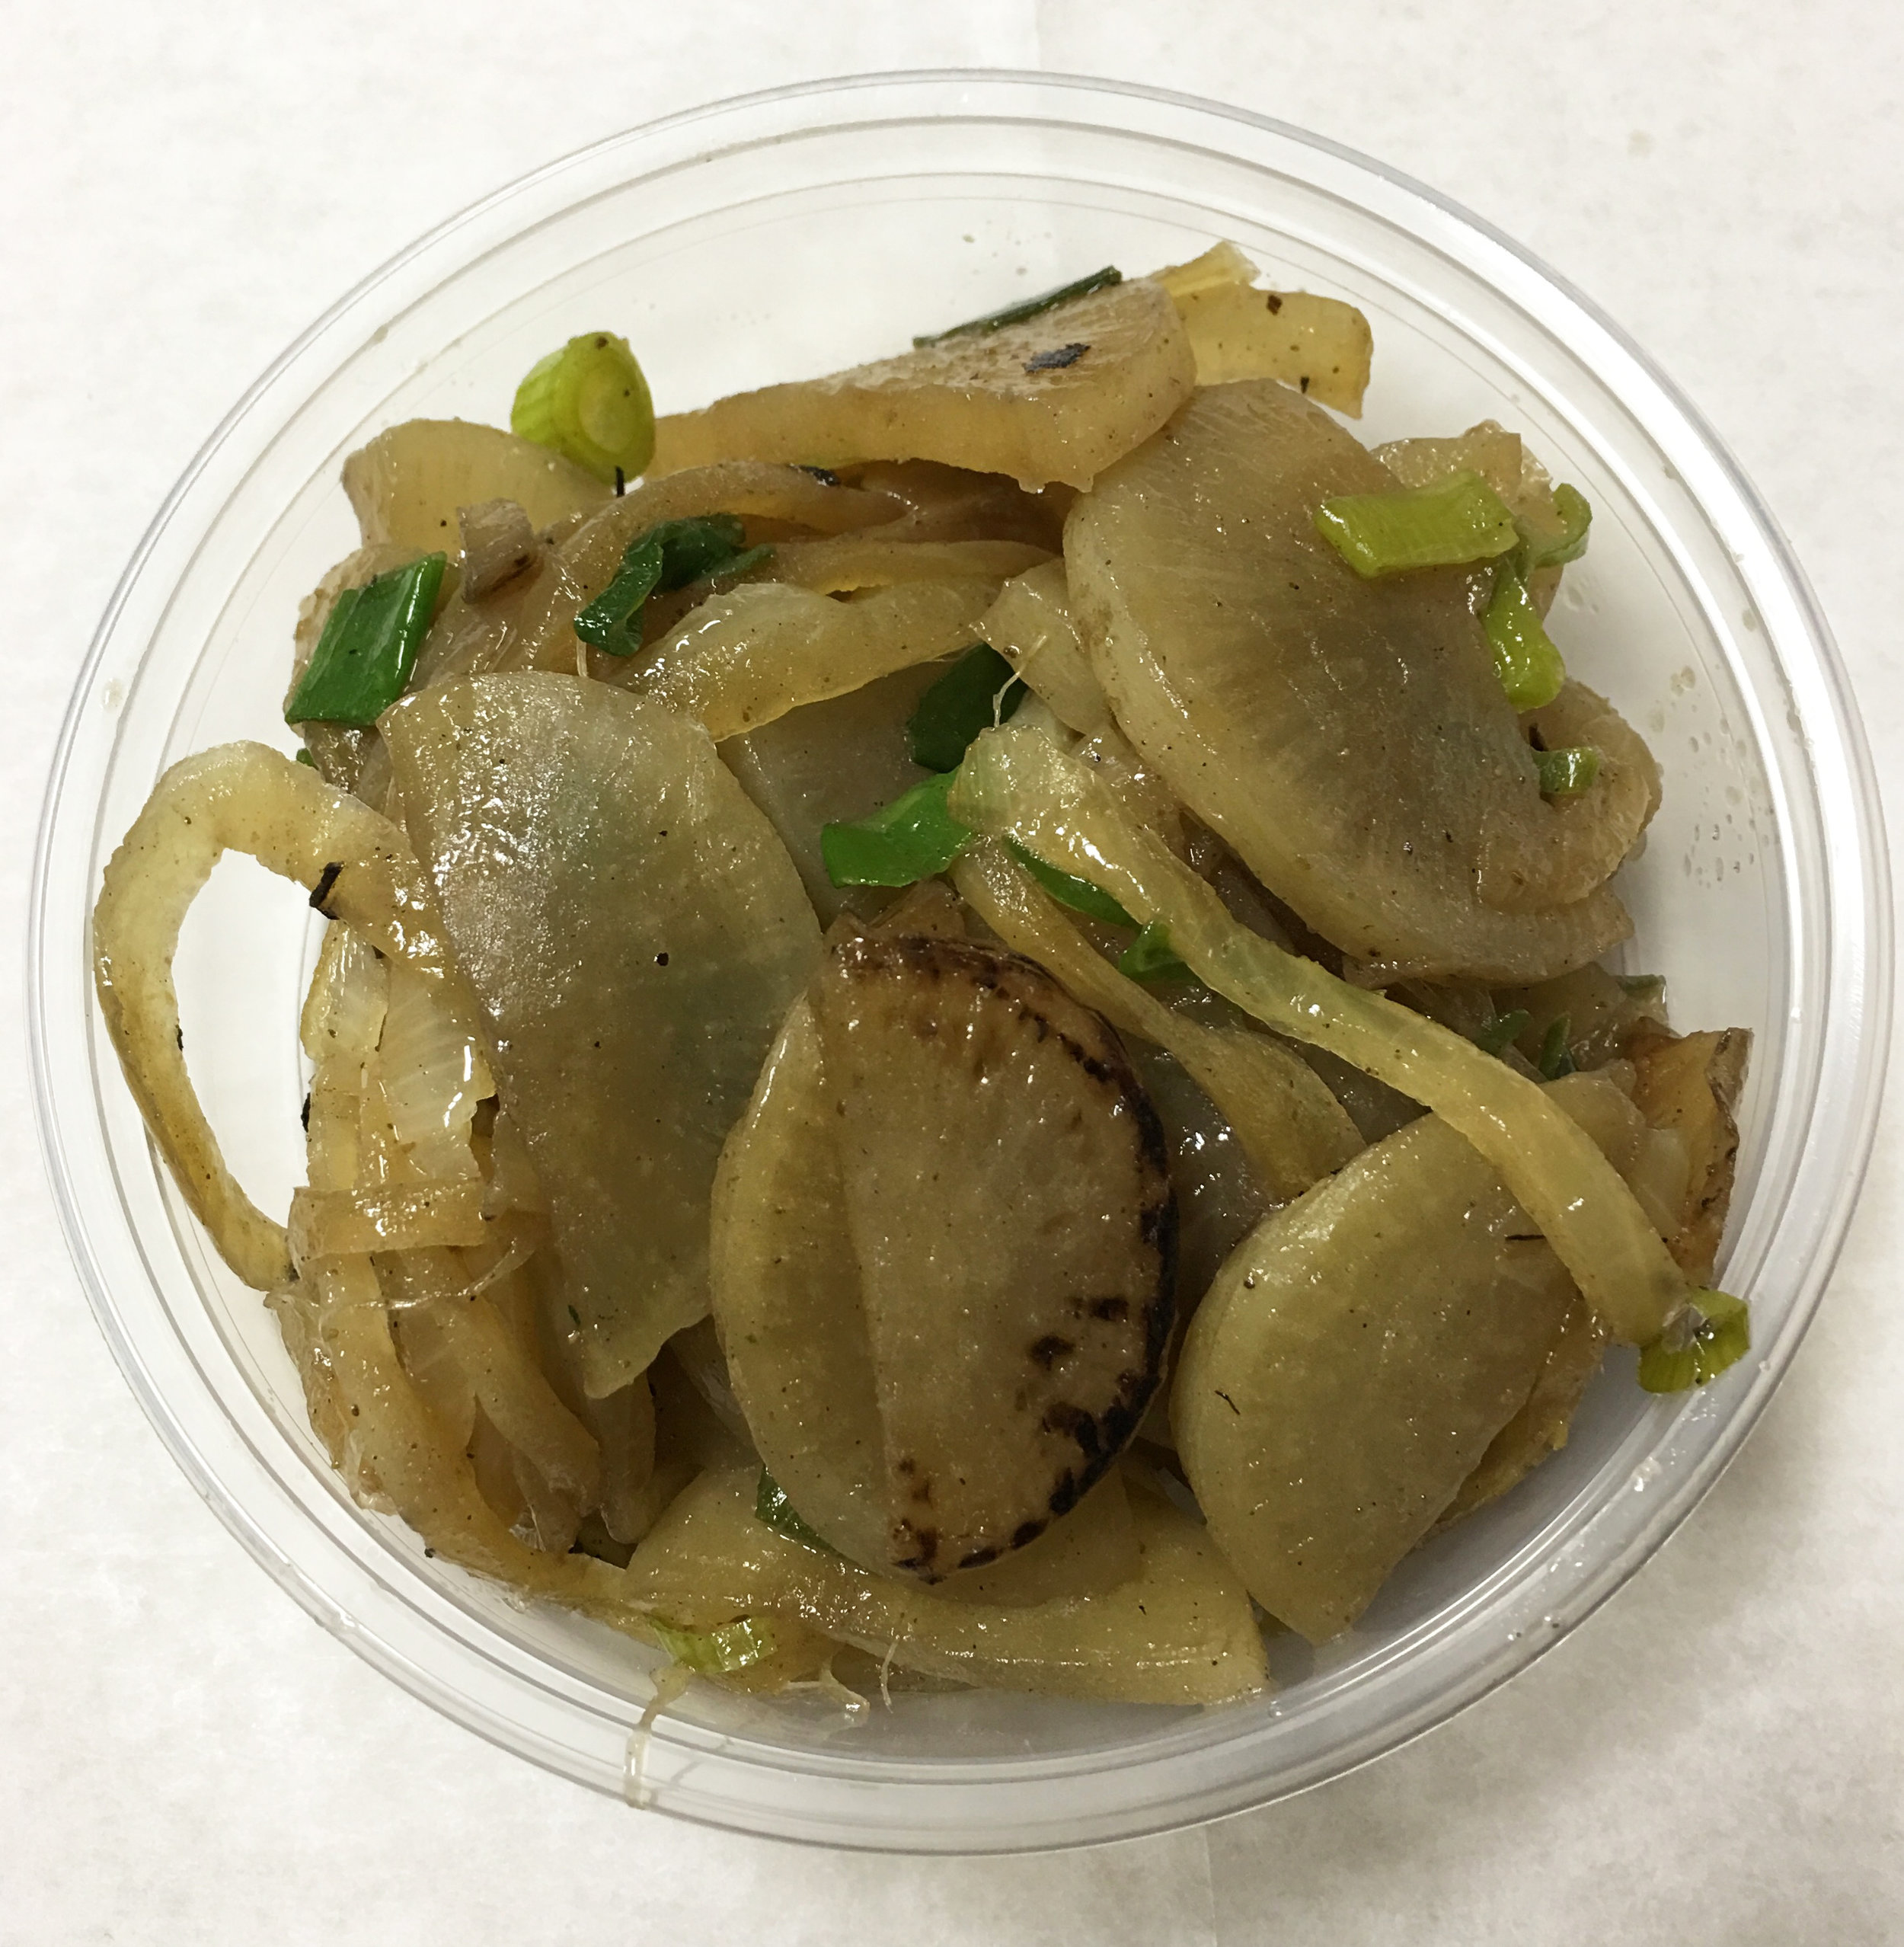 Daikon, onion, garam masala (spice) and scallions.